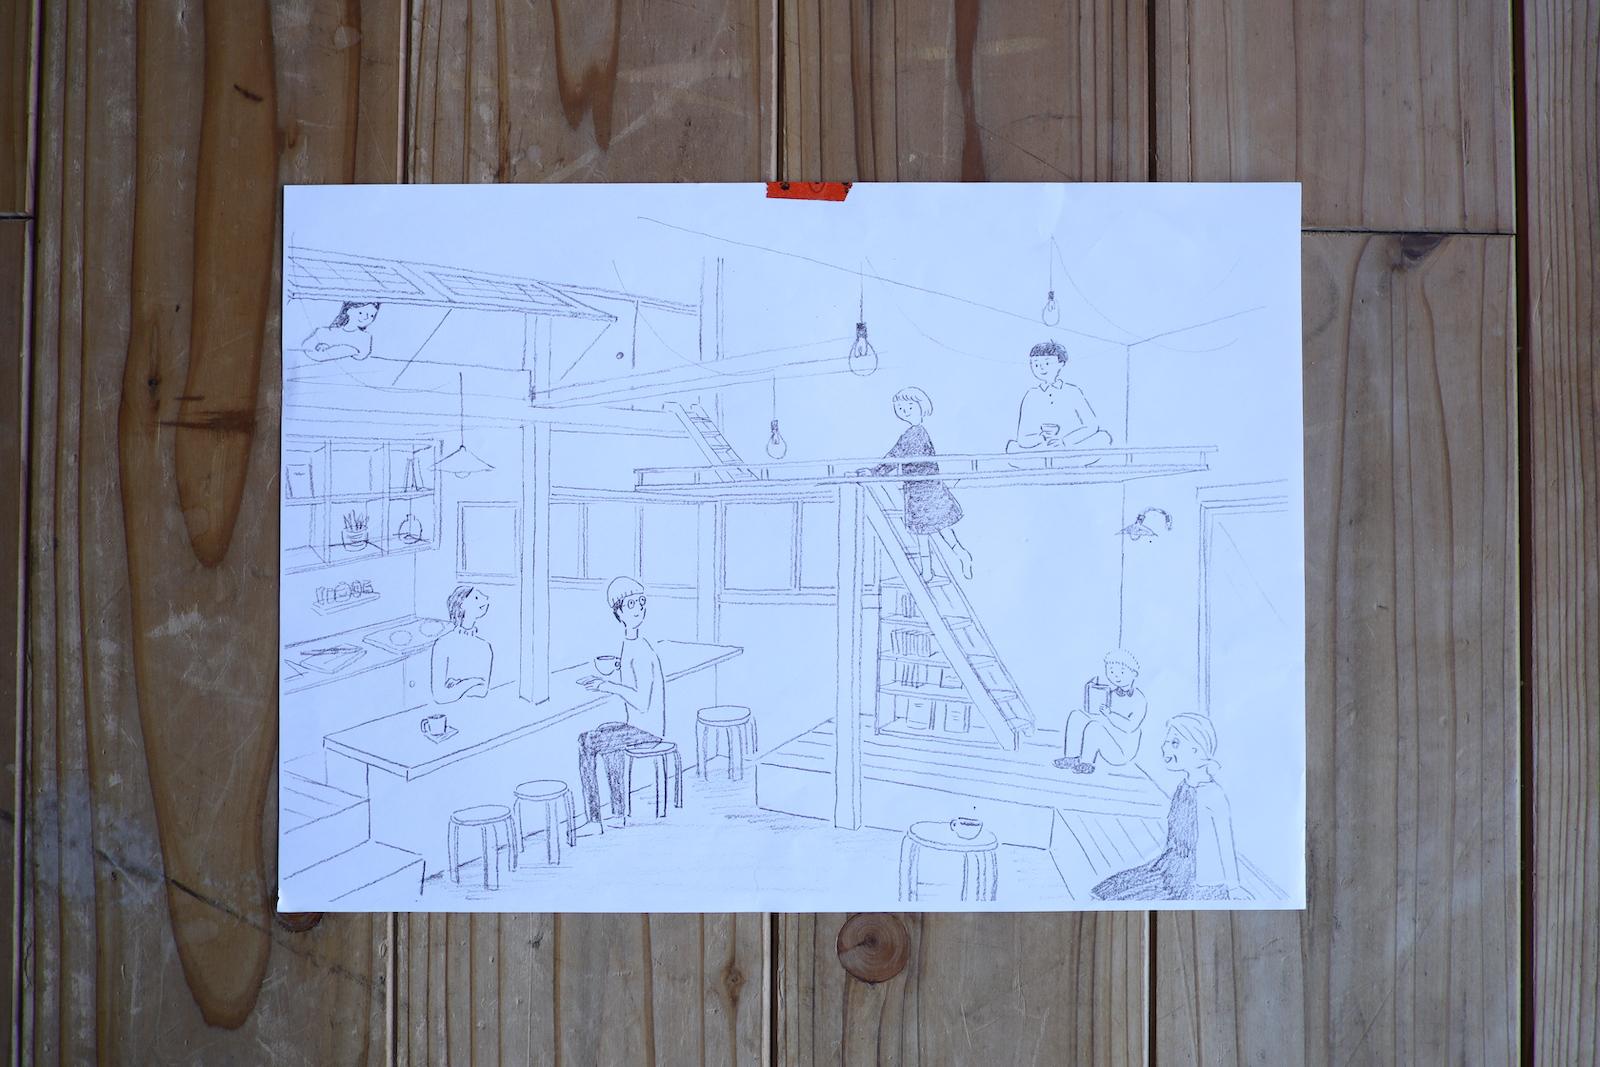 ボーダーを超えて人がつながるゲストハウスほりわりのリビング。仲間の1人が描いてくれたイラストです。